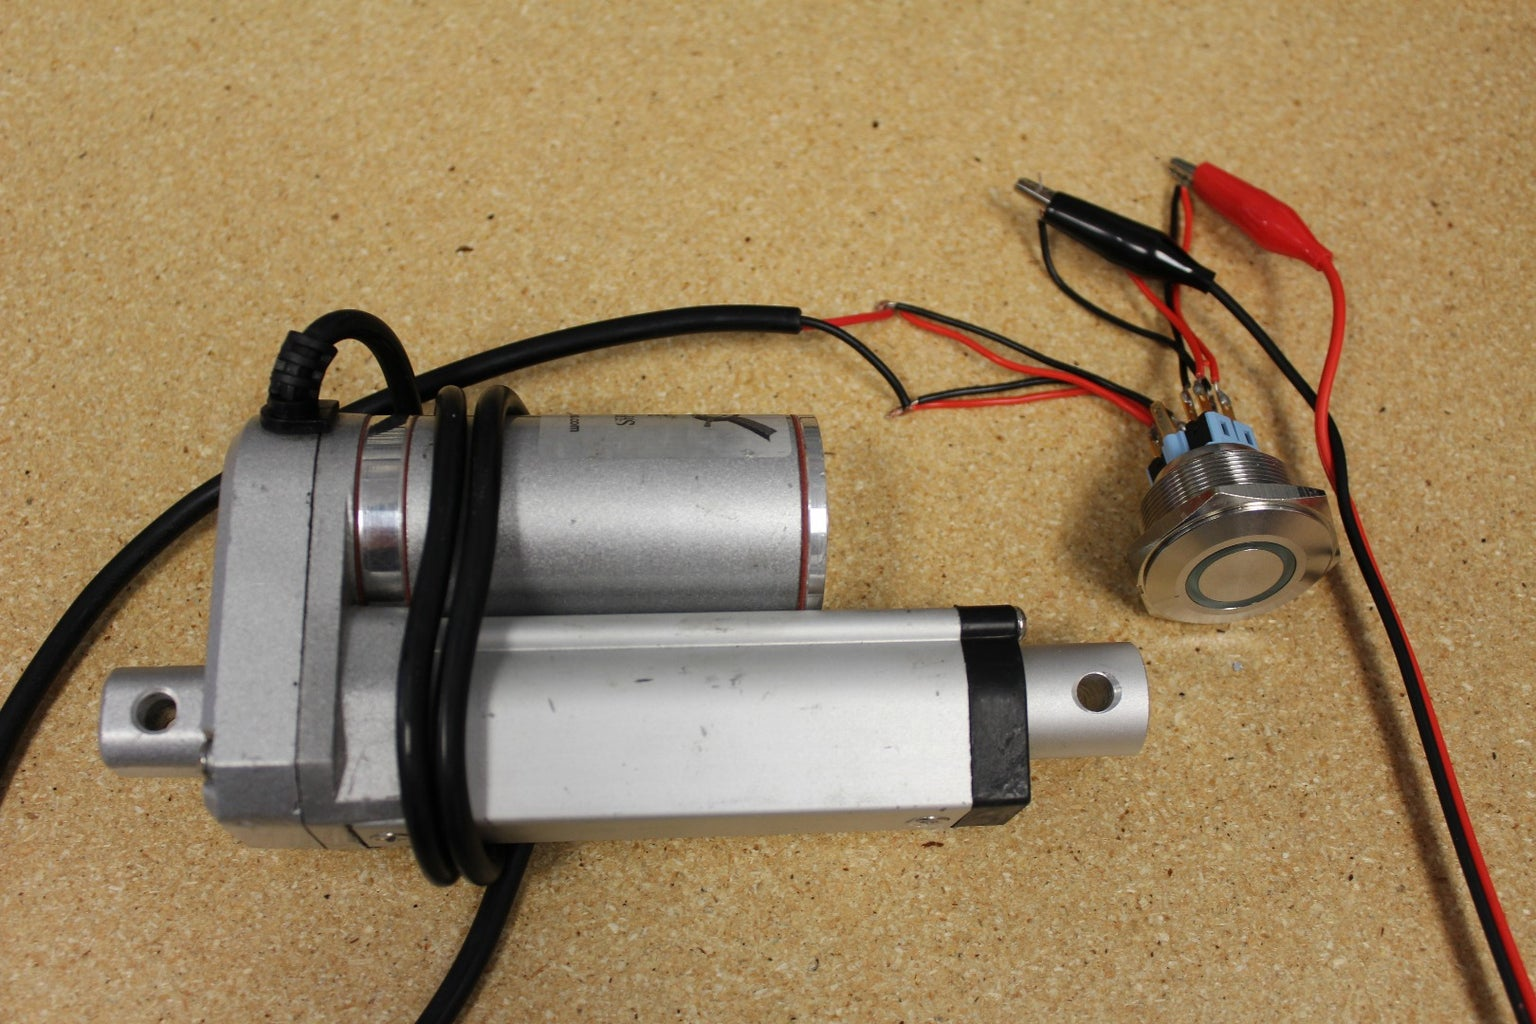 Wiring the Round Rocker Switch